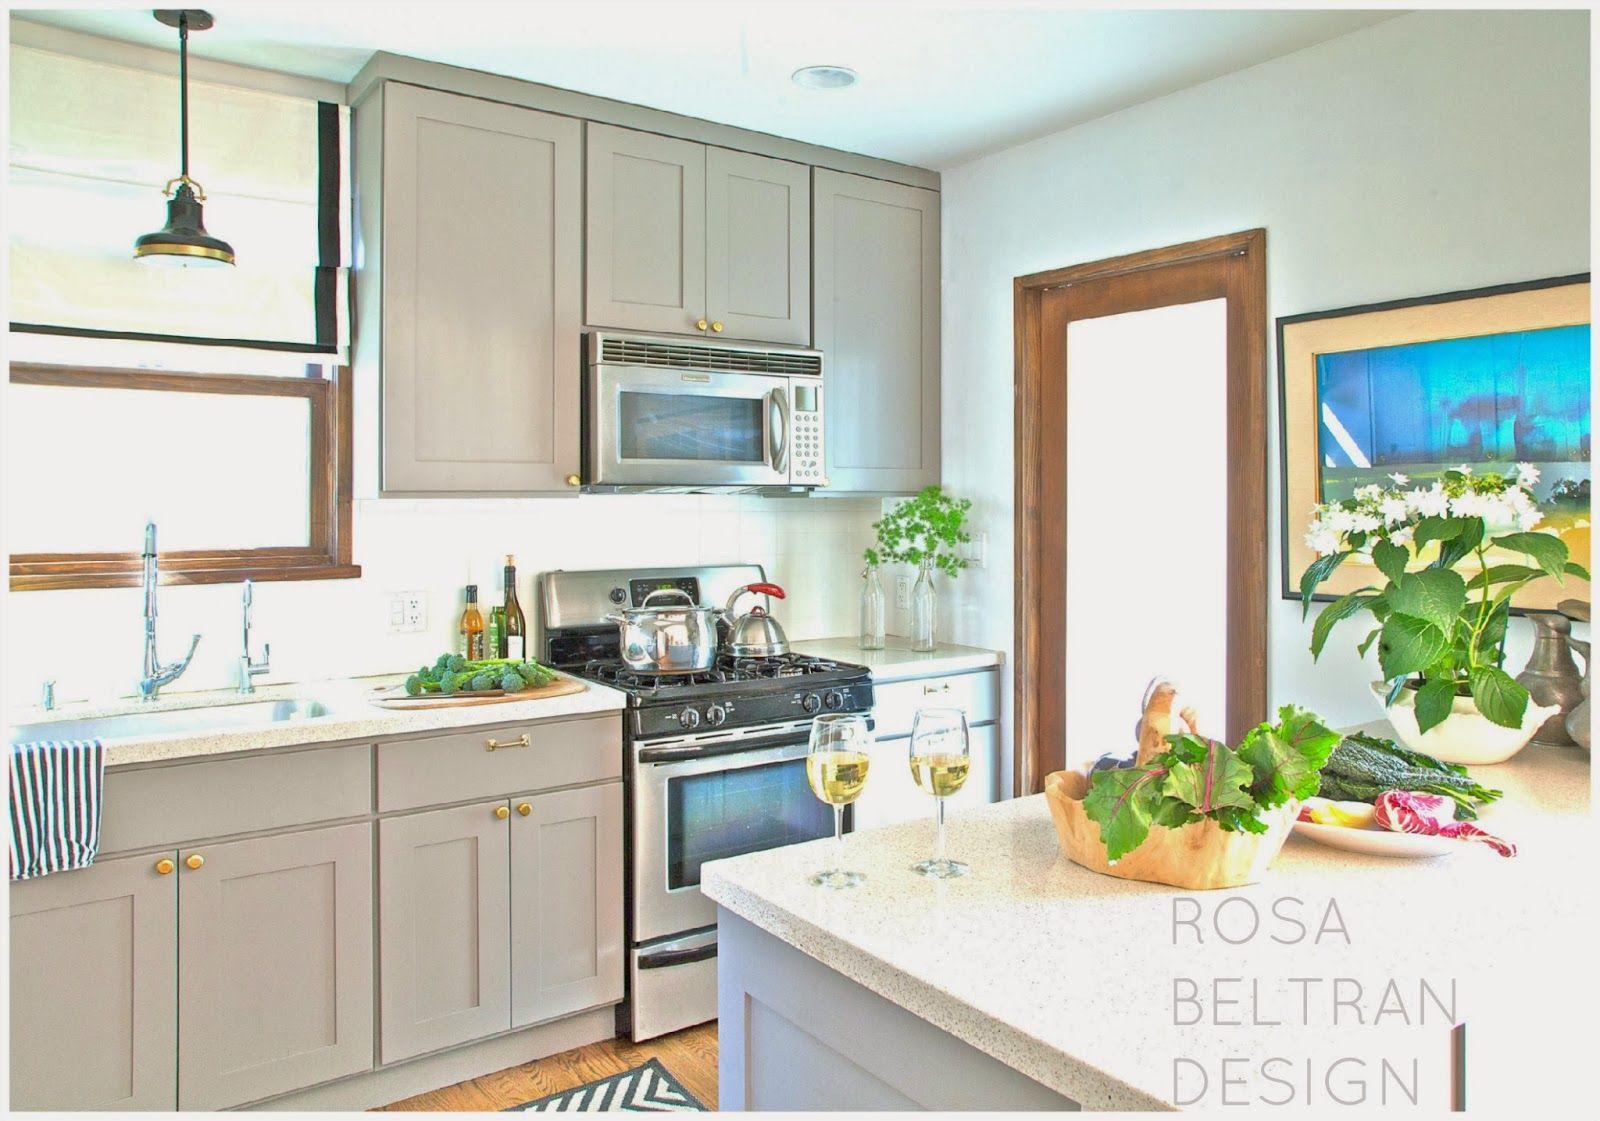 diy painted kitchen cabinets grey kitchen cabinets diy on best paint for kitchen cabinets diy id=88342